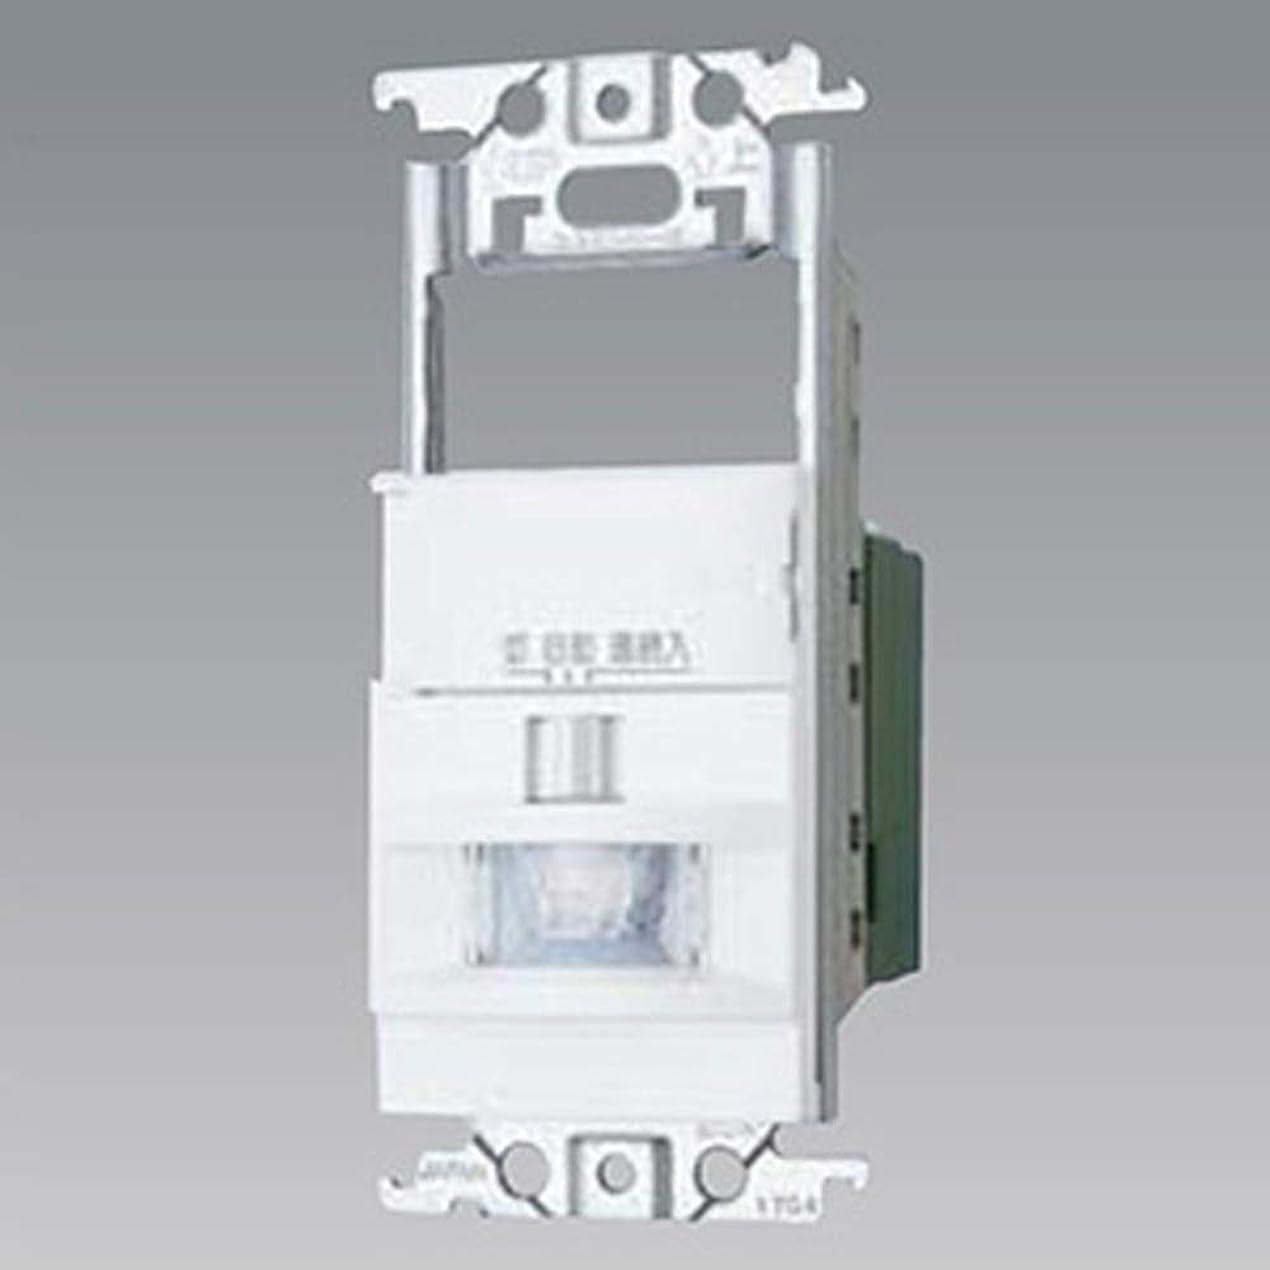 社交的ベッド森林パナソニック 壁取付熱線センサ付自動スイッチ スイッチスペース付 ホワイト WTK18115WK